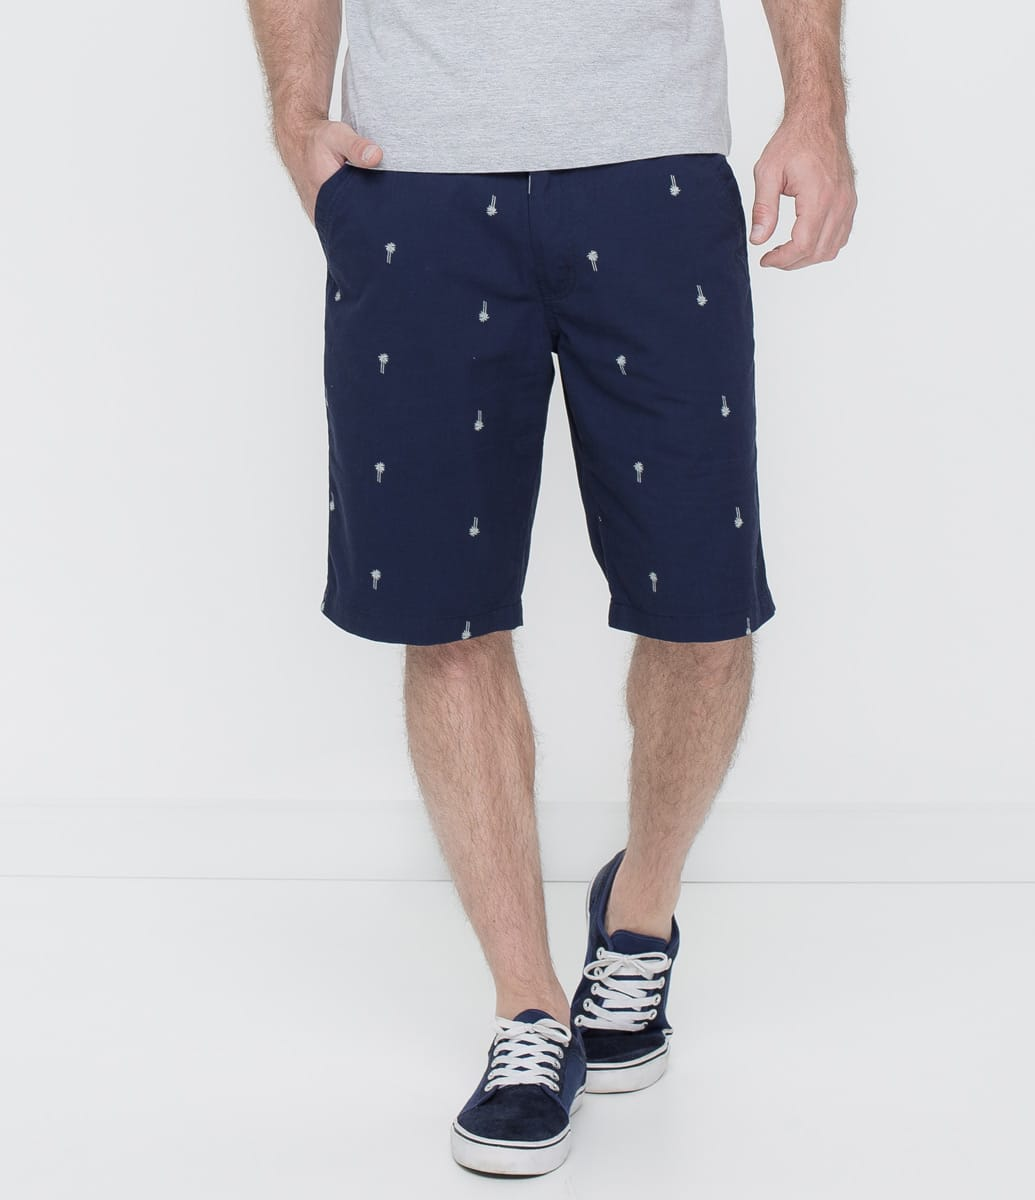 b b bermudas masculinas para 2017 moda masculina por homens que se cuidam juan alves